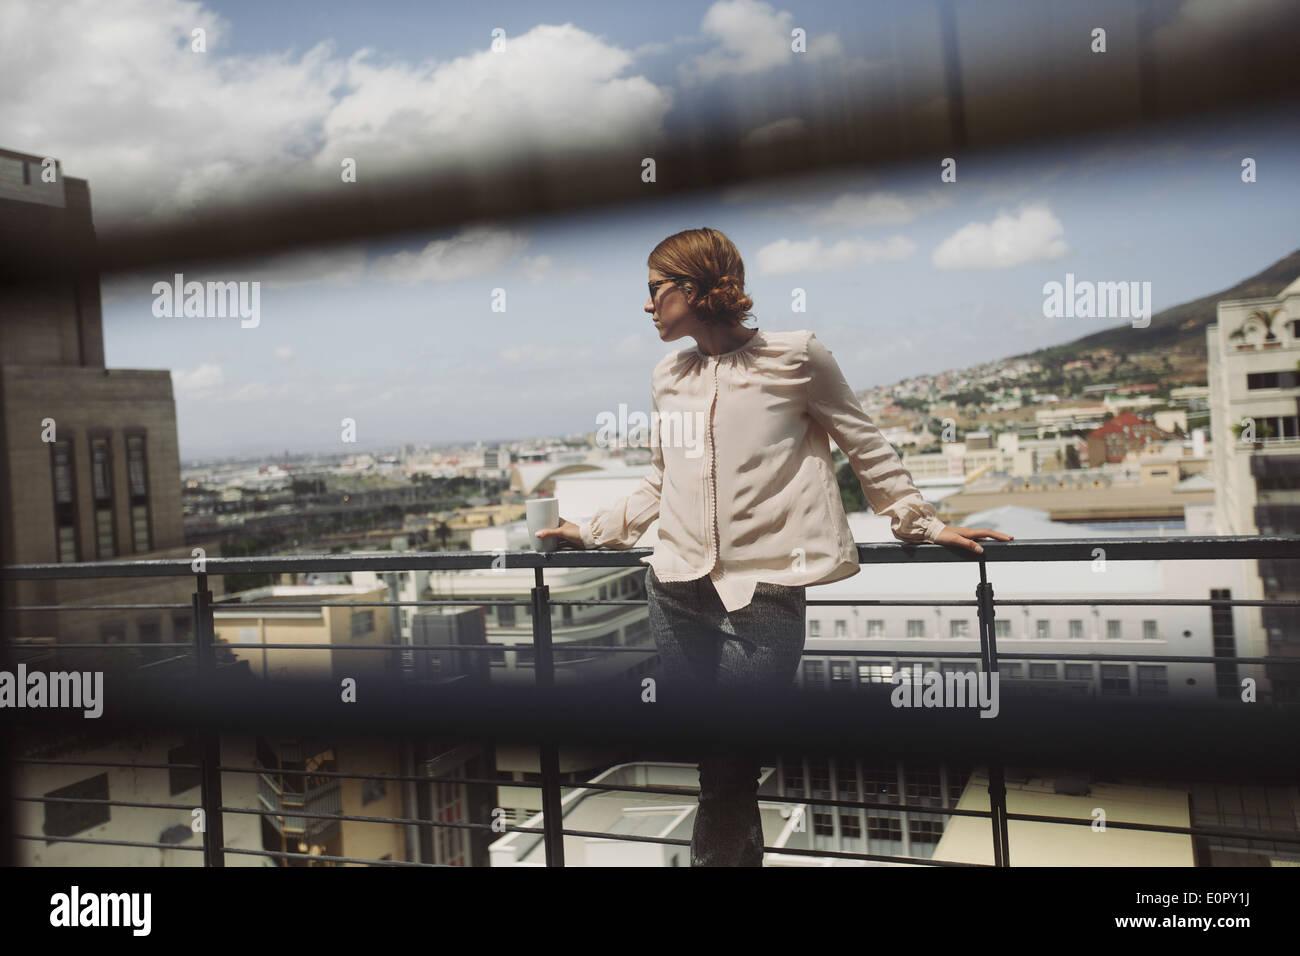 Bild durch Fenster Jalousien von eine junge Frau posiert auf einem Balkon mit Blick auf die Stadt. Hübsche Stockbild